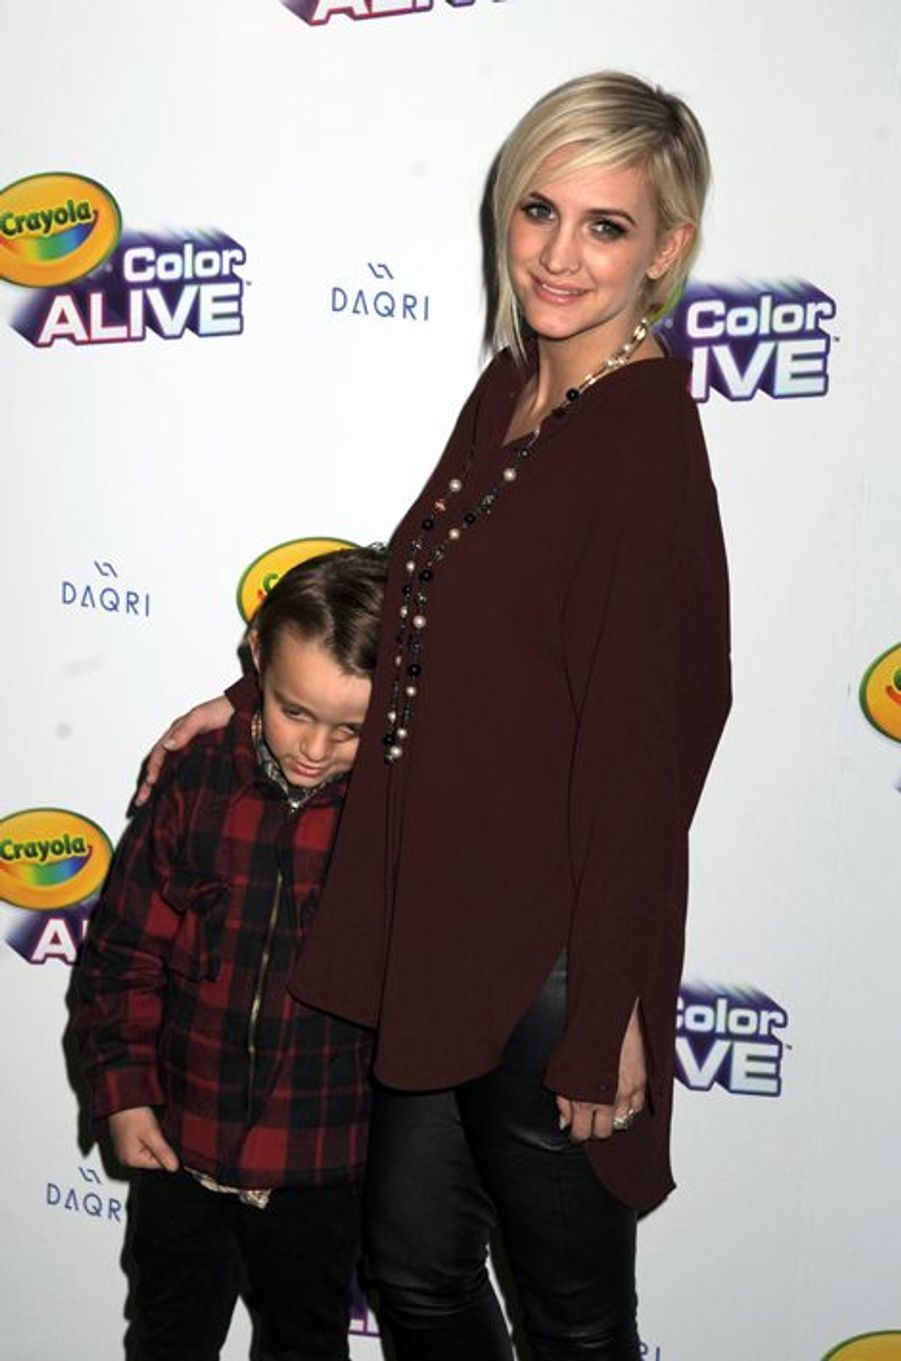 Enceinte de son deuxième enfant, la petite sœur de Jessica Simpson est déjà mère d'un petit garçon, Bronx Mowgli, né de ses amours avec Pete Wentz.